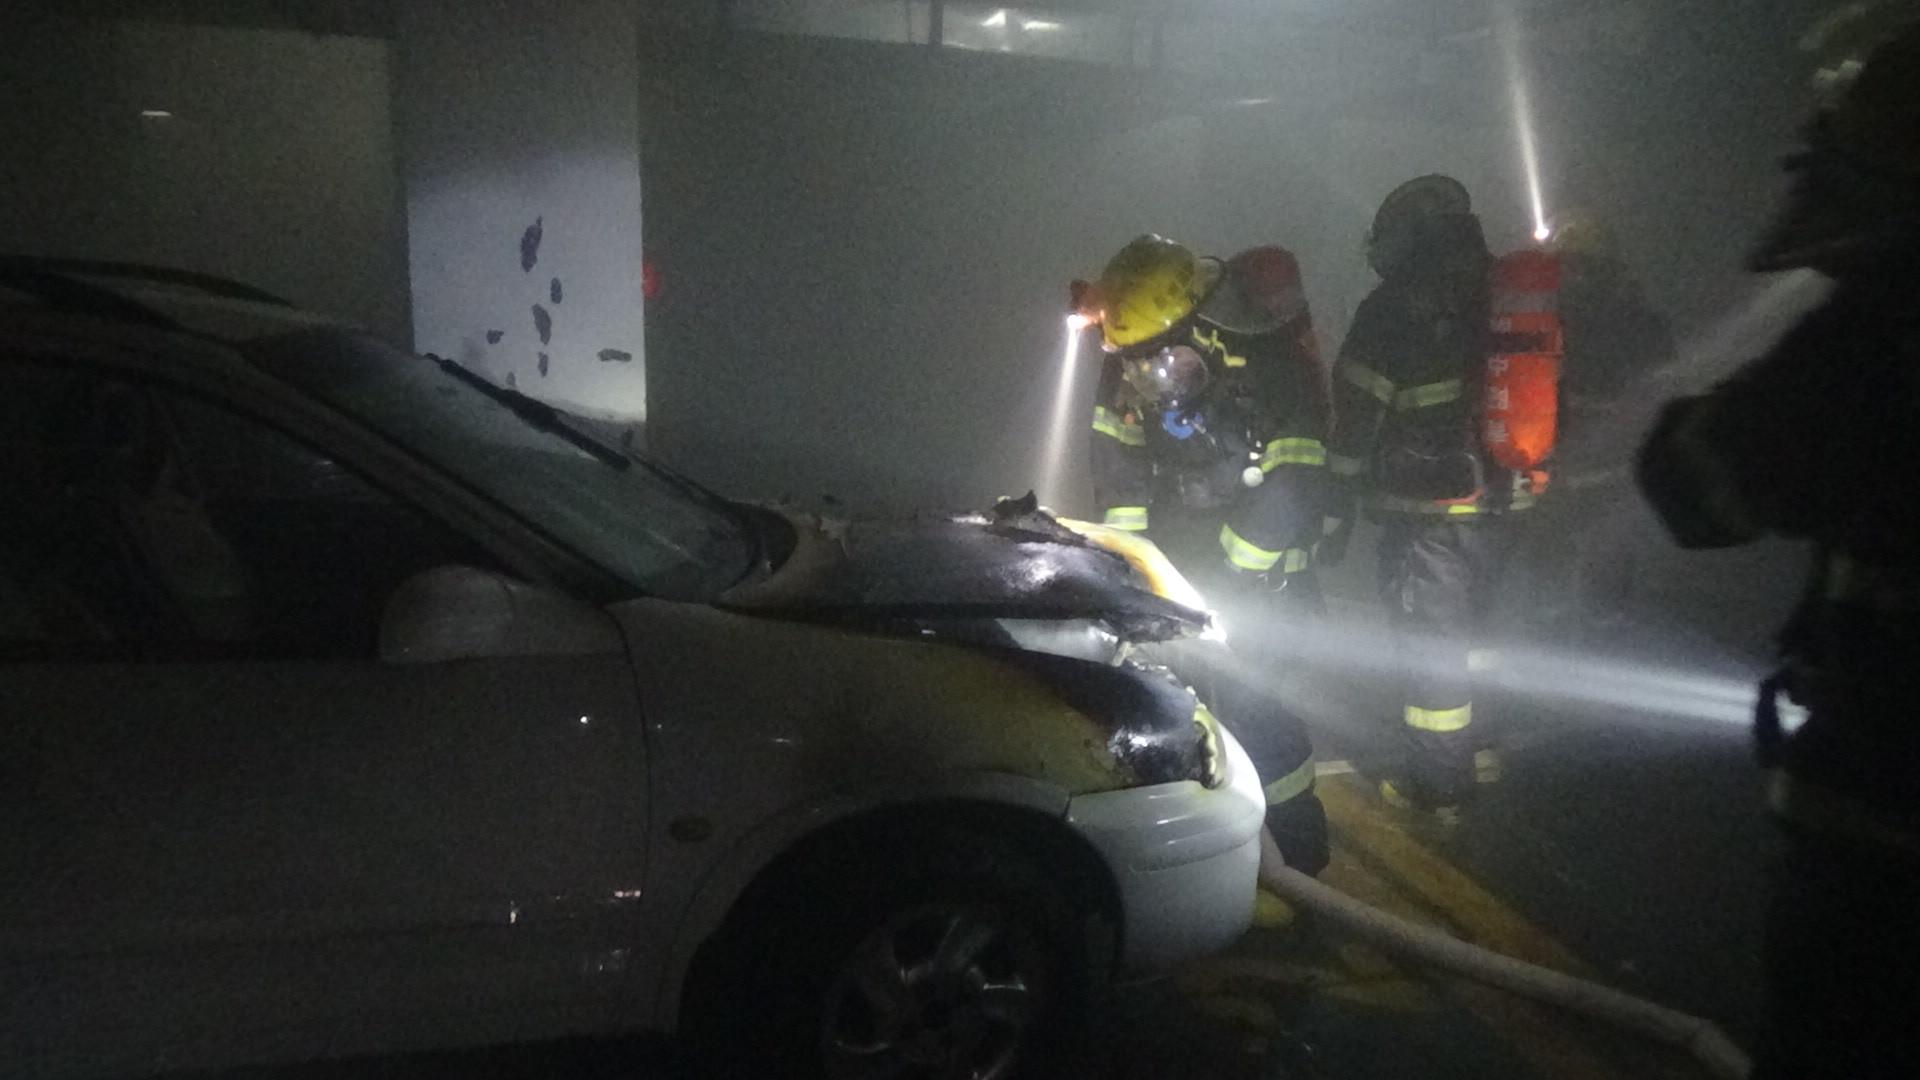 据停车场保安称:发现烟雾后,他赶紧拿灭火器过去灭火,使用了两三瓶灭火器也灭不了,于是从室内消火栓出水对火势进行控制,出水后火势才被控制